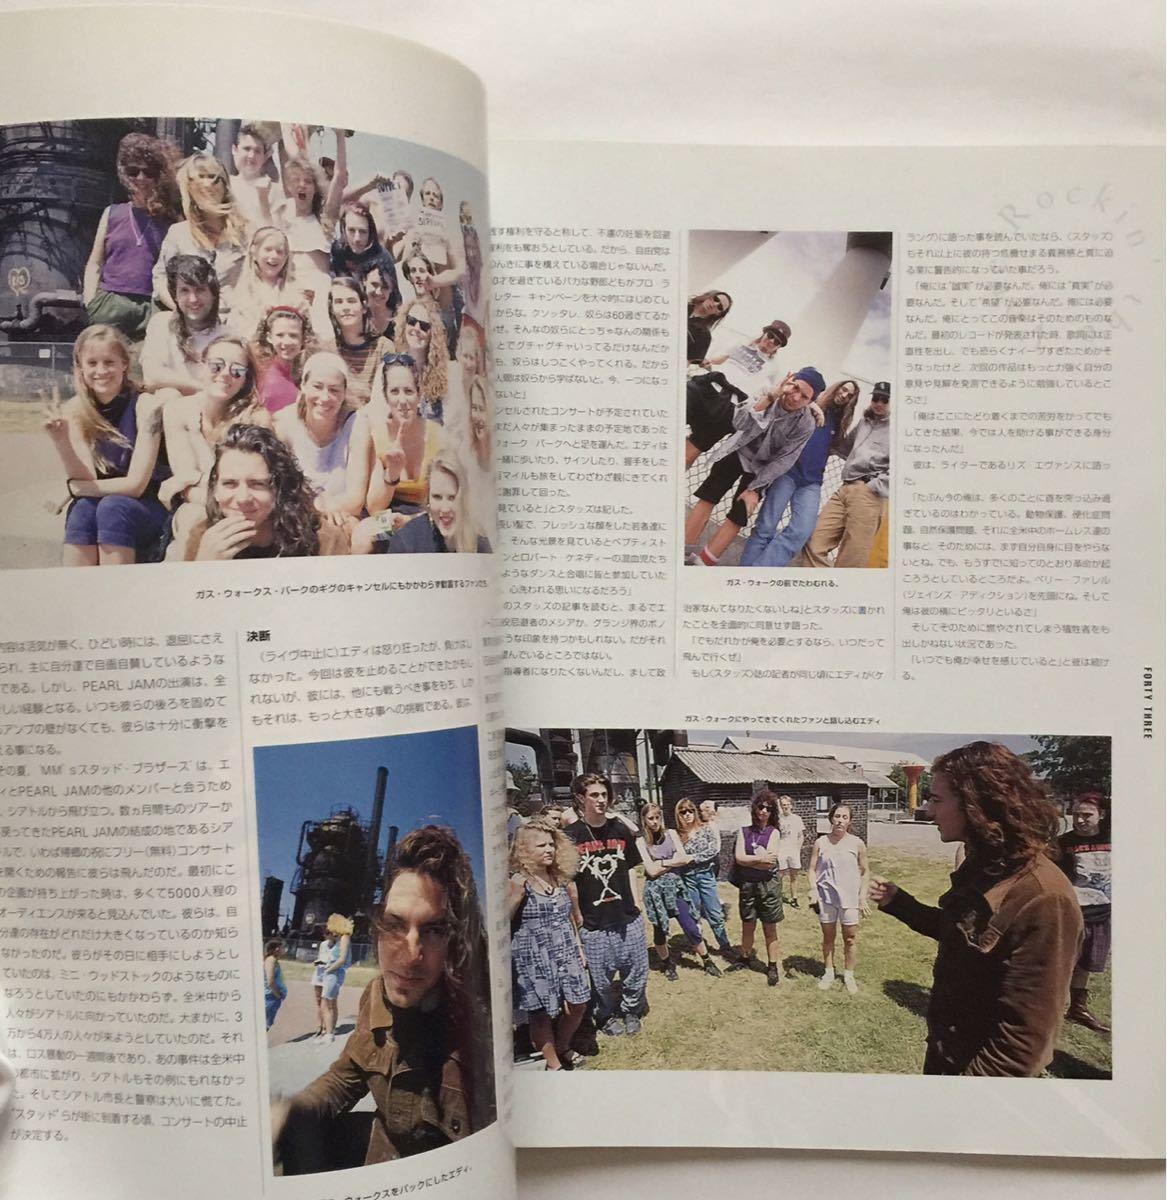 【絶版・貴重・初版】Pearl Jam/ パールジャム The Illustrated Story/シアトル発、世界制覇!その栄光と苦悩 1996年 本 日本語 当時物_画像8